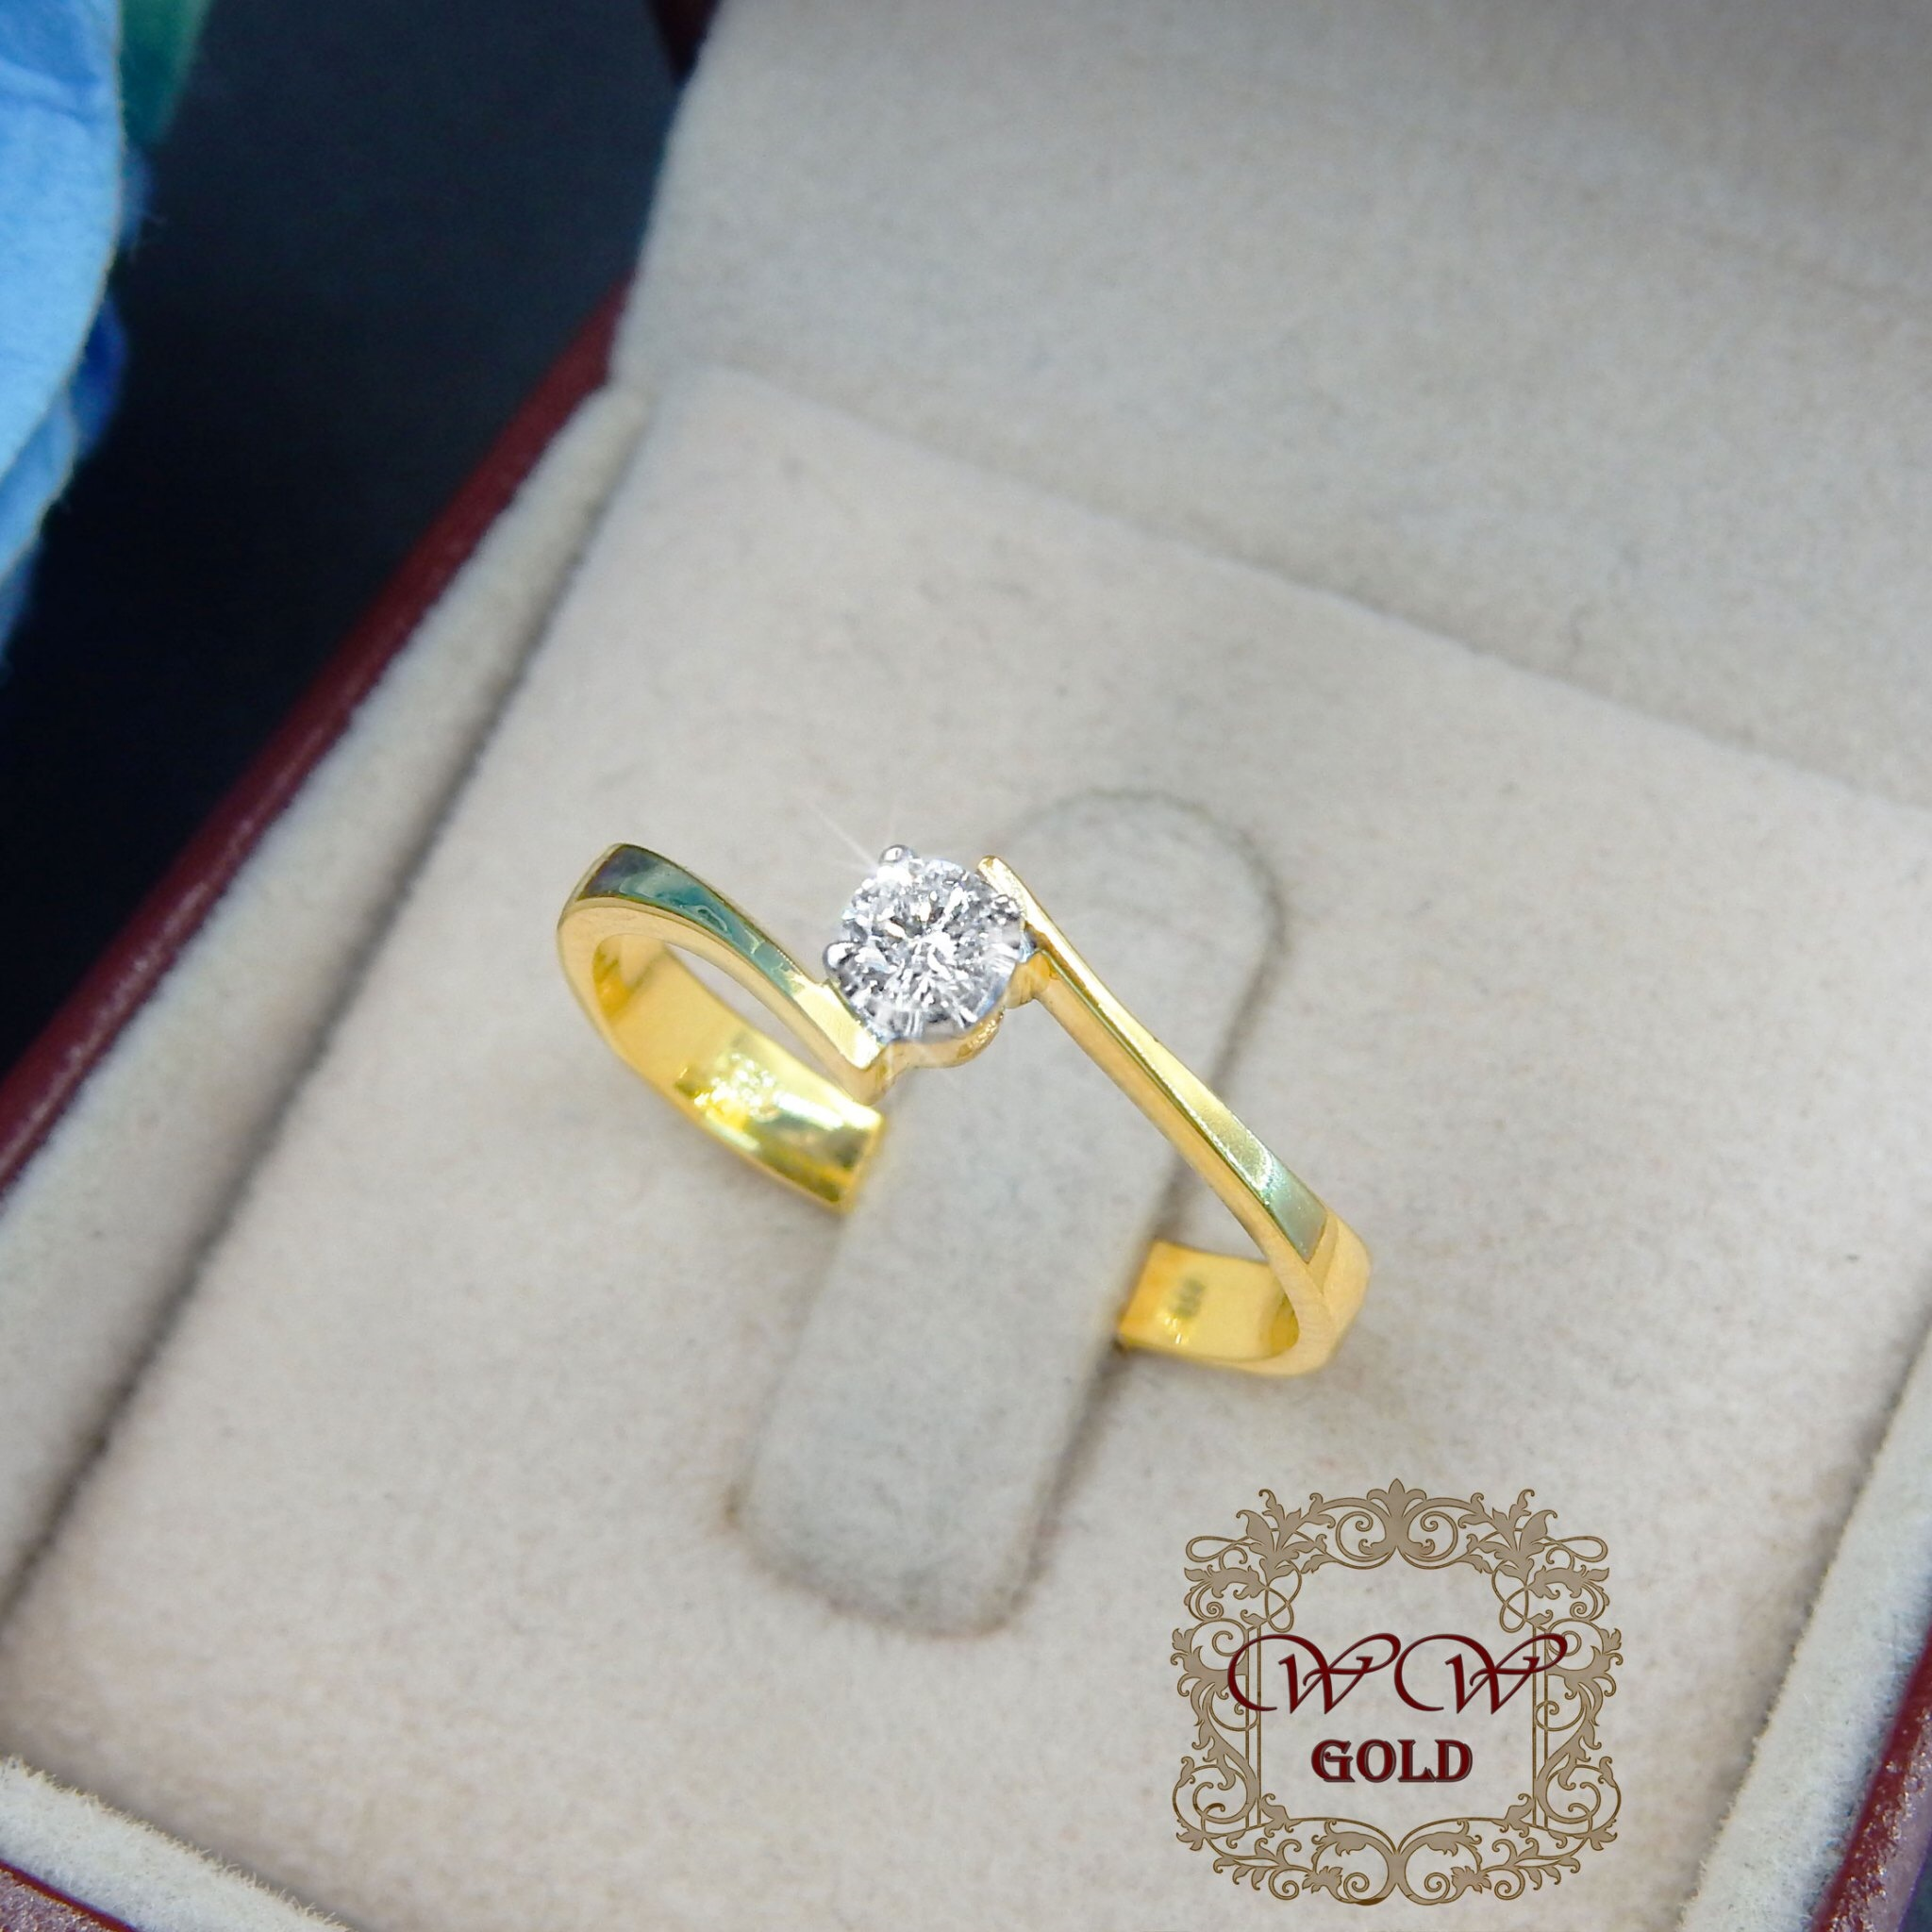 แหวนเพชรเบลเยี่ยม (เม็ดเดียว)